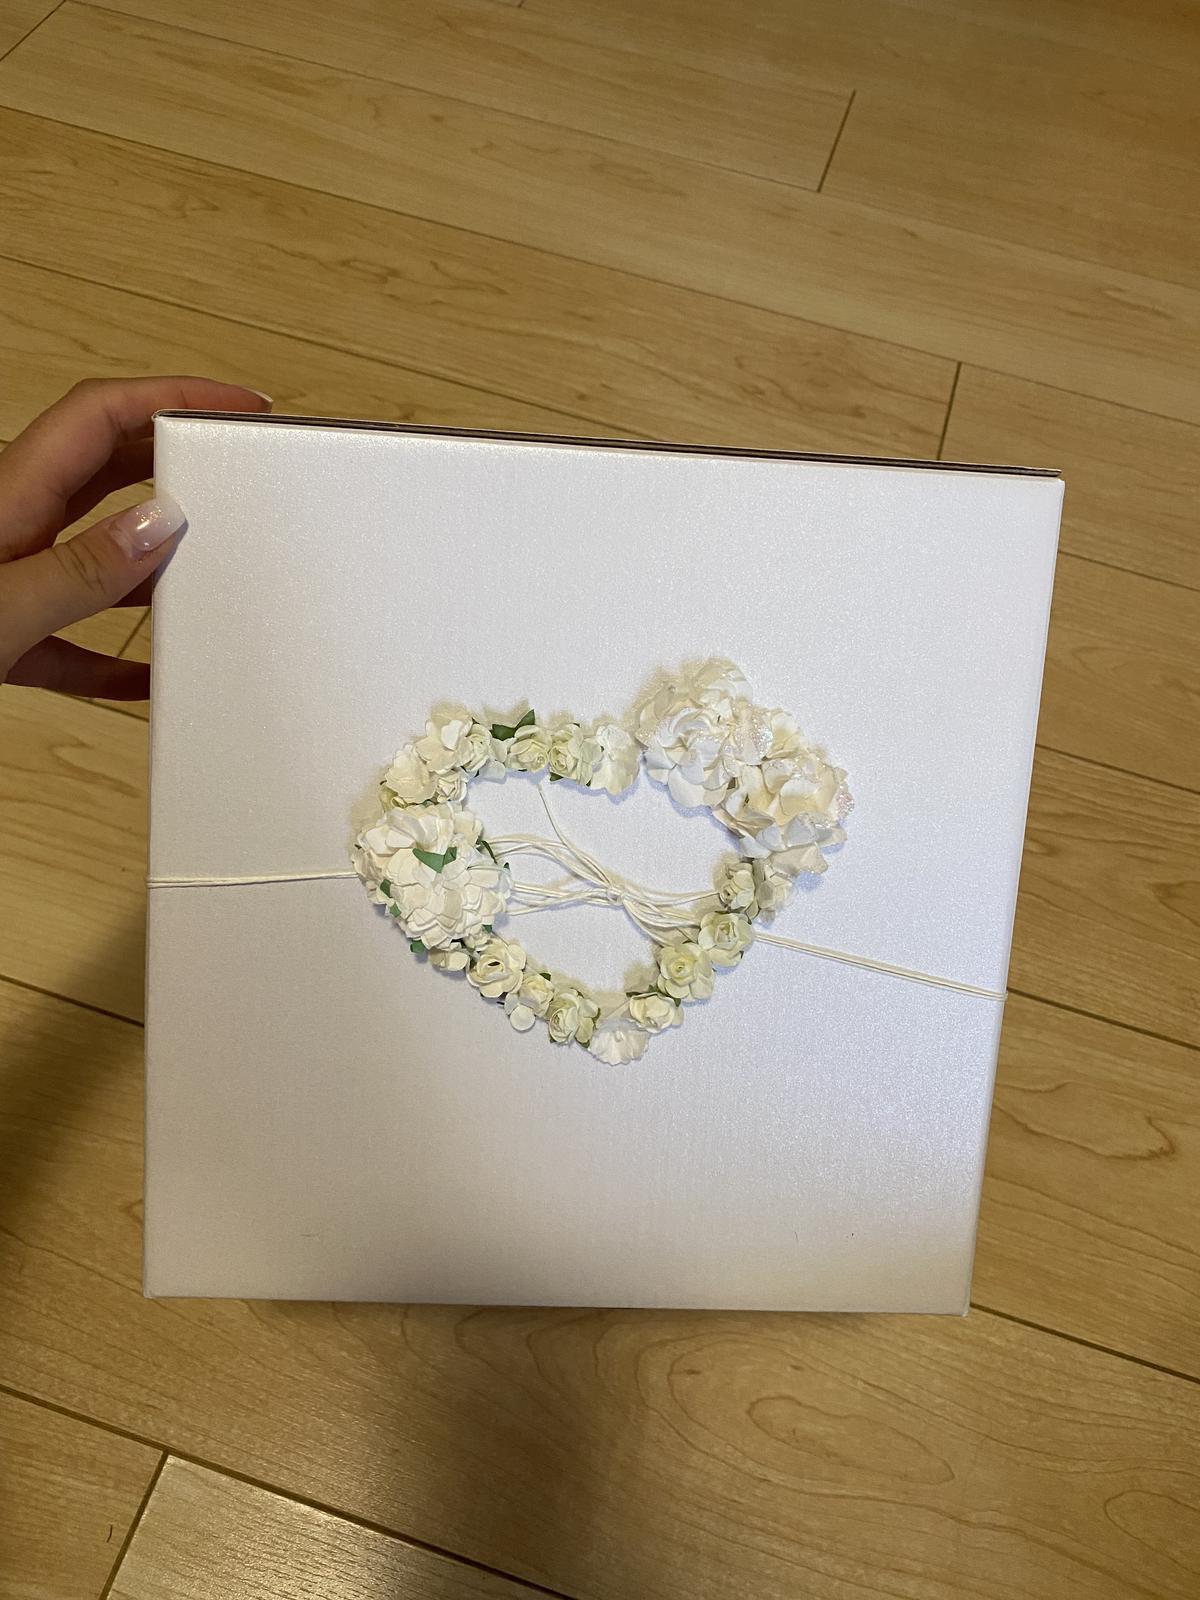 Krabice na svatební blahopřání - Obrázek č. 1